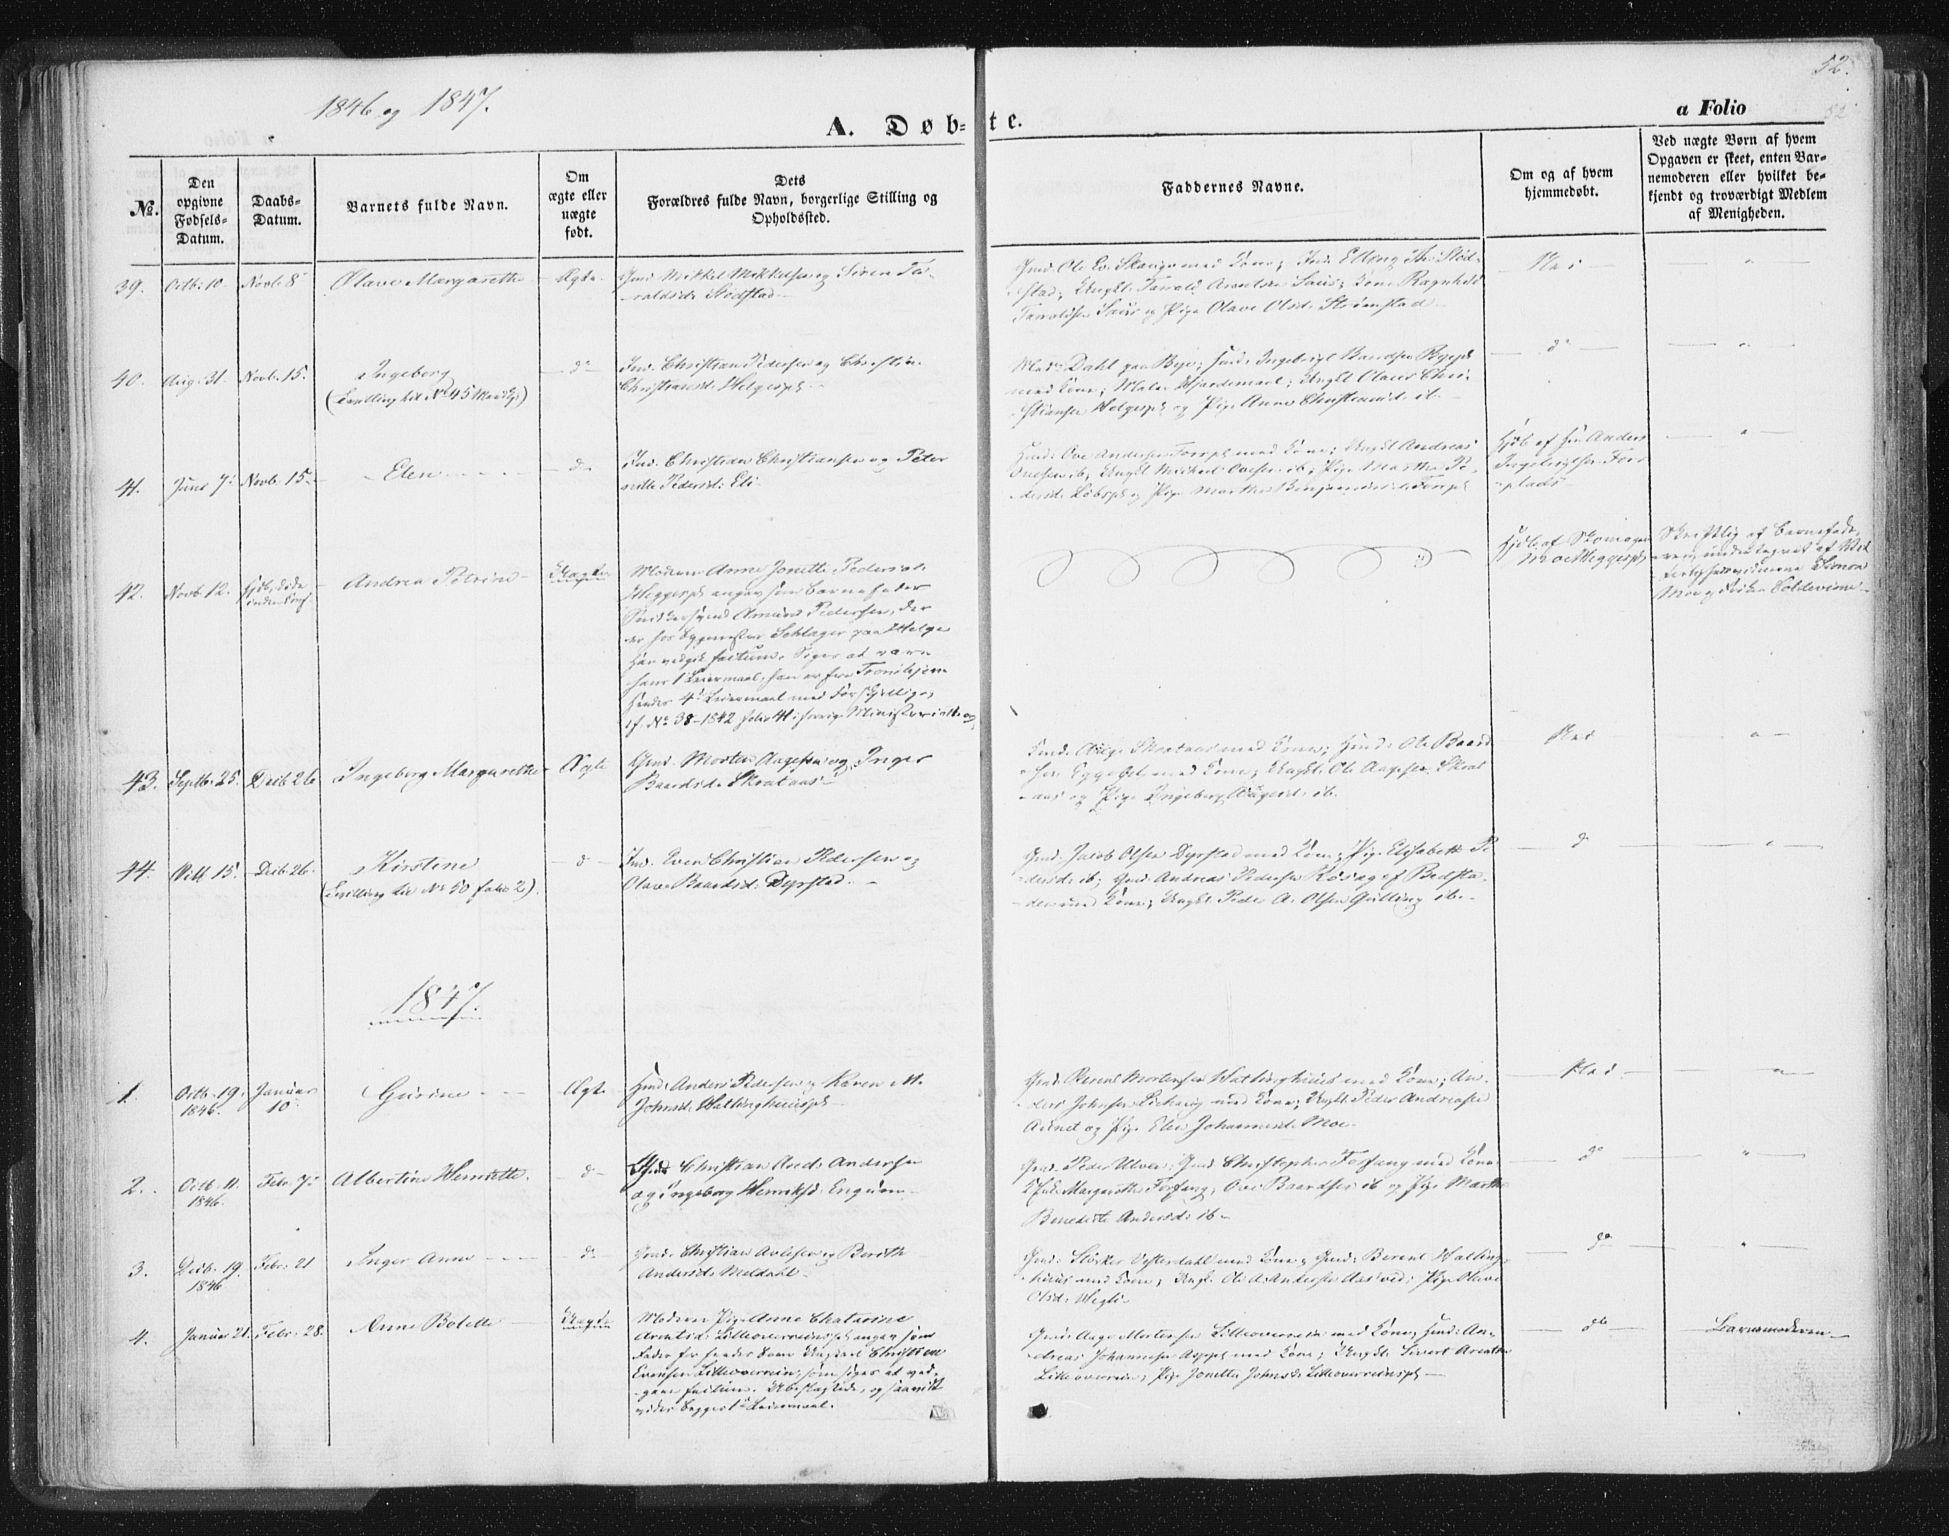 SAT, Ministerialprotokoller, klokkerbøker og fødselsregistre - Nord-Trøndelag, 746/L0446: Ministerialbok nr. 746A05, 1846-1859, s. 52